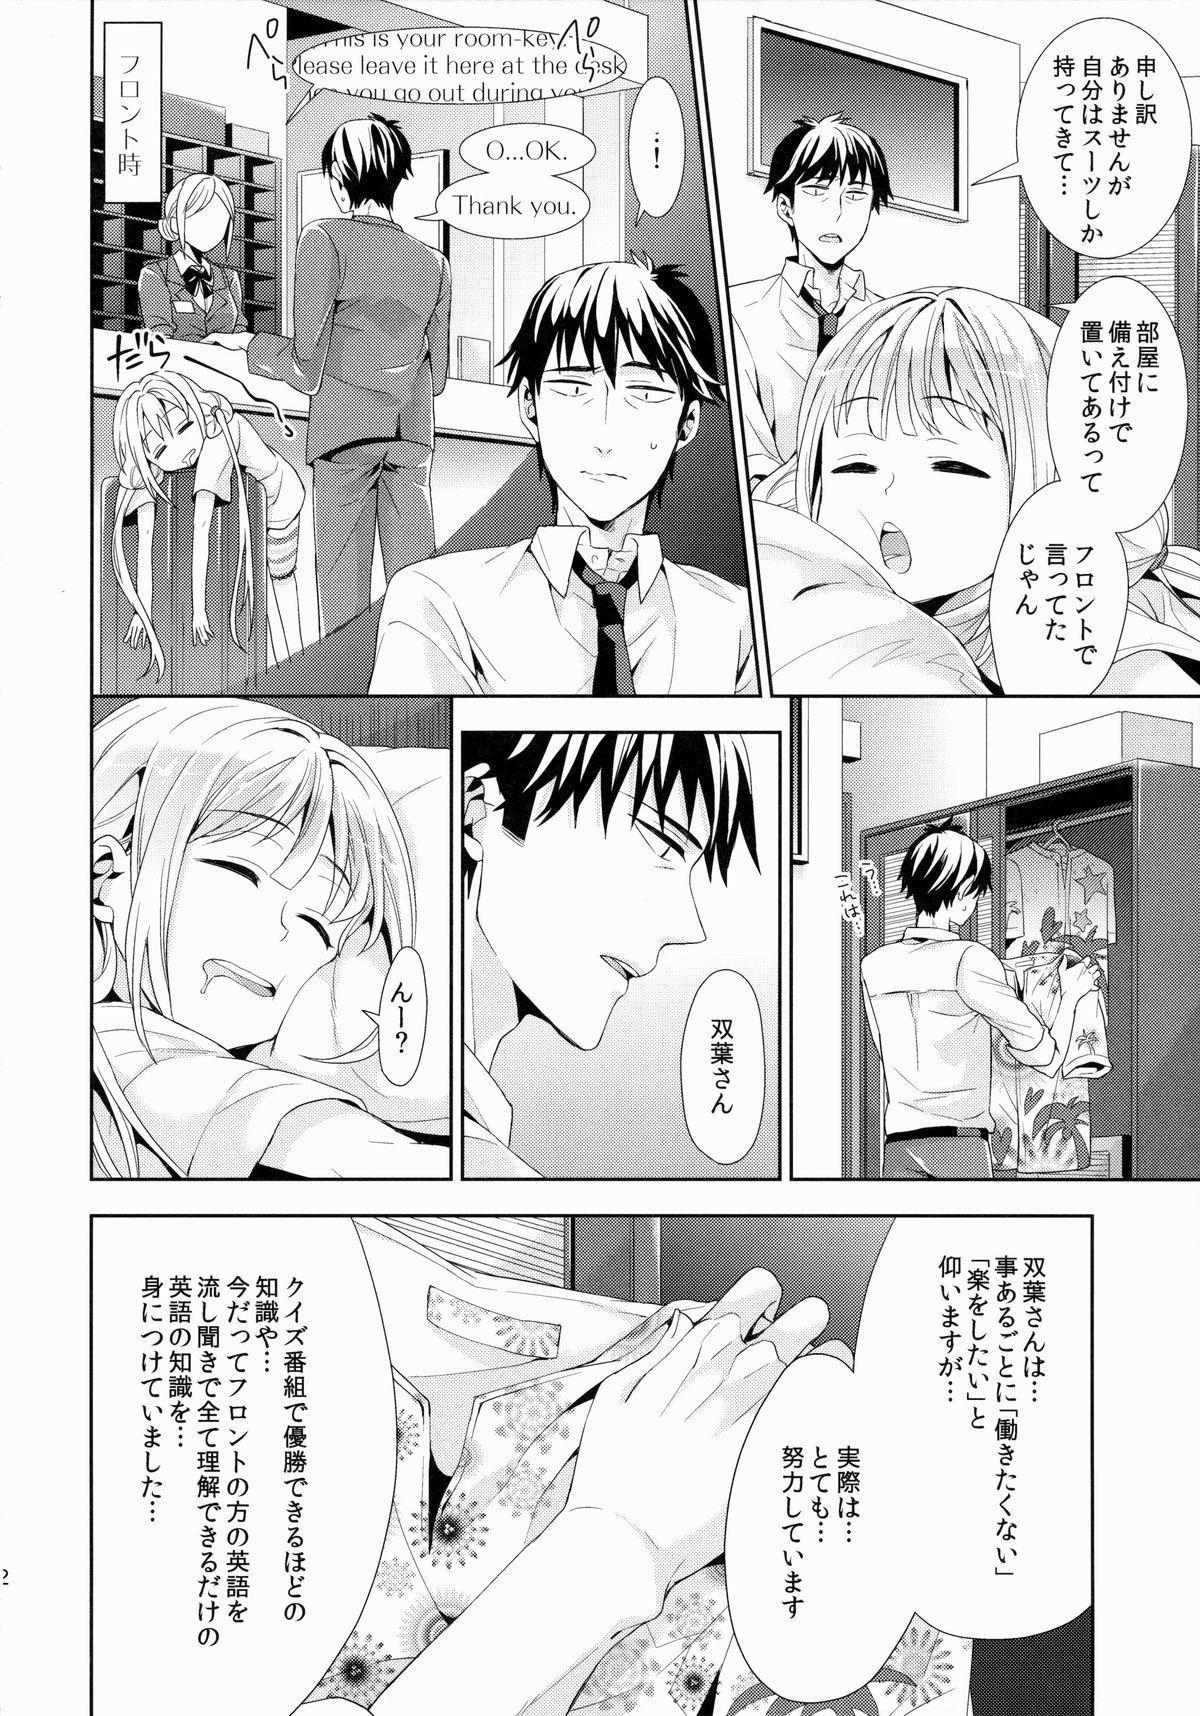 Anzu, Takeuchi P ni Honki Dashima-su! 10